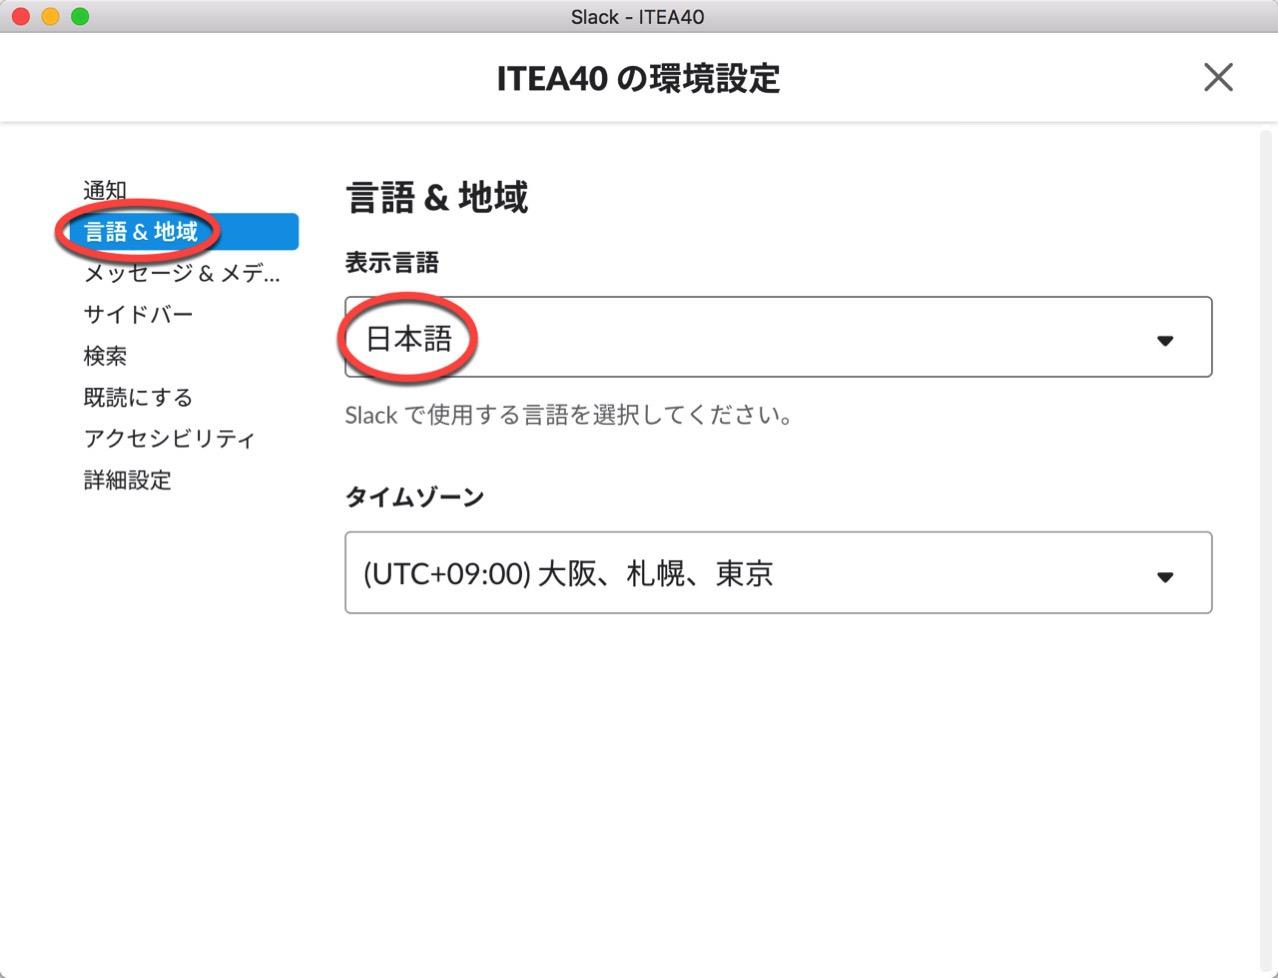 表示言語を日本語に設定する